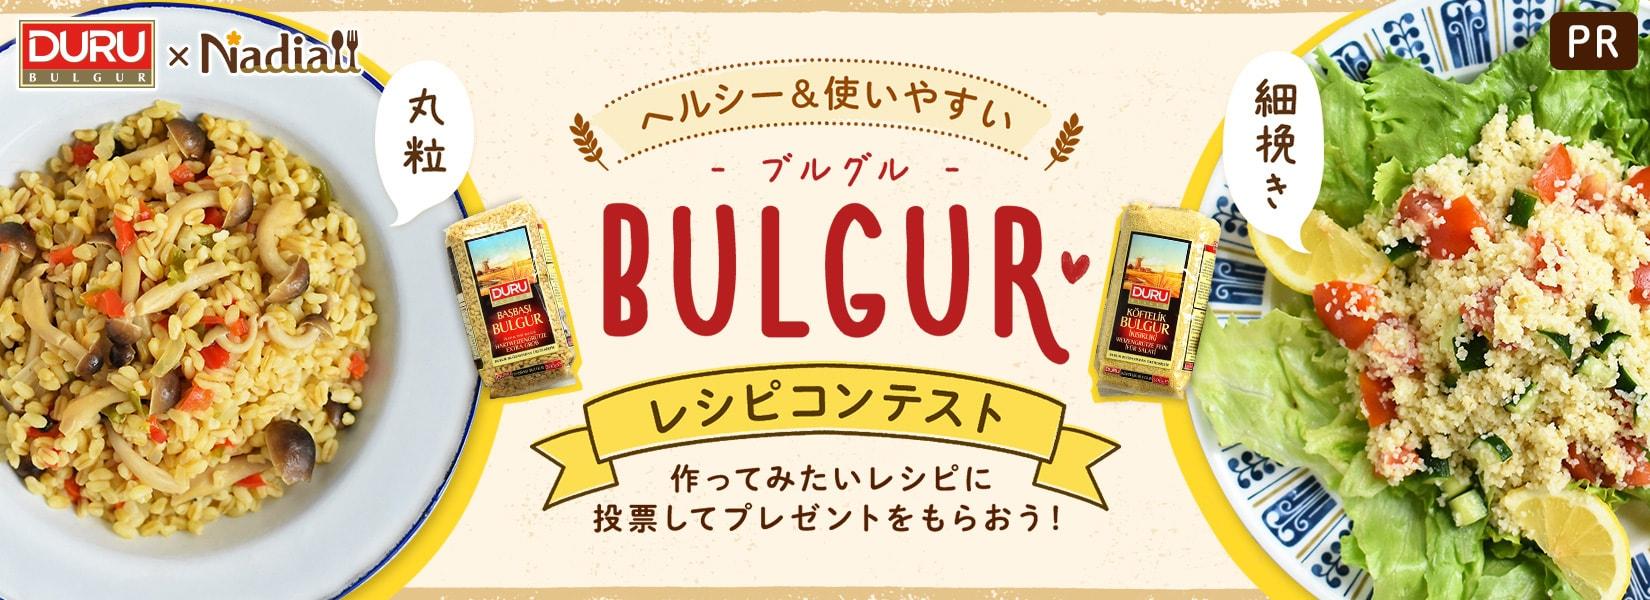 ヘルシー&使いやすい! ブルグル BULGUR レシピコンテスト